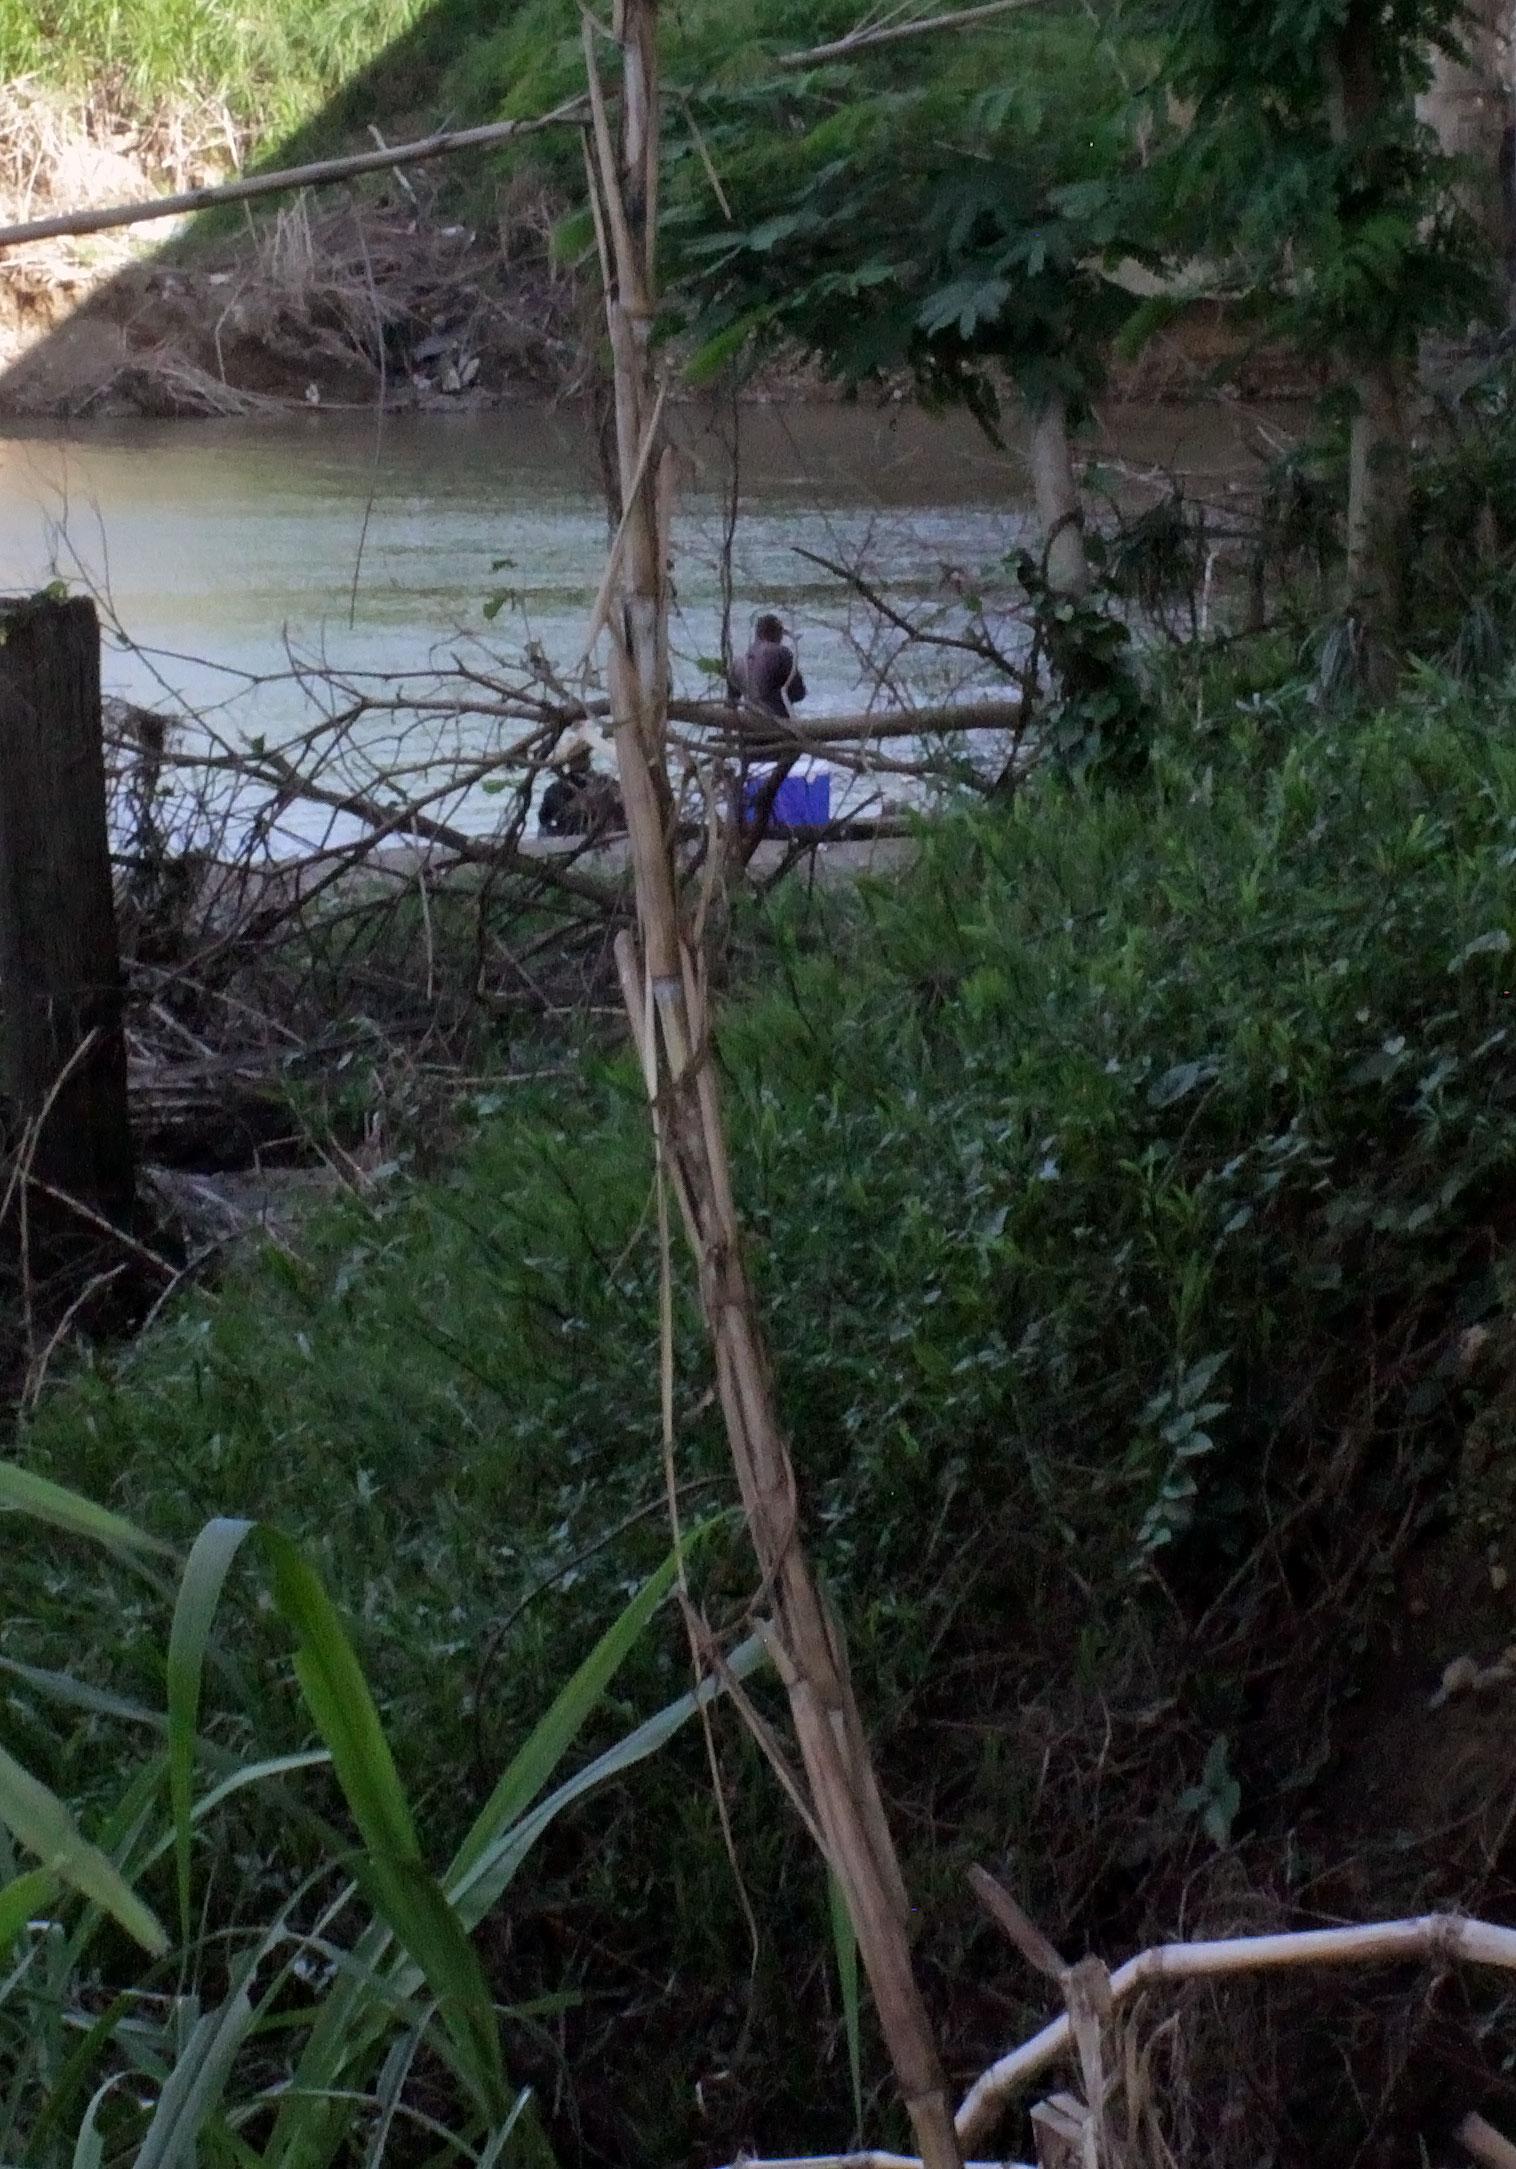 Personas pescando en el Río Grande de Loíza, bajo el Puente Julia De Burgos en Carolina, Puerto Rico.